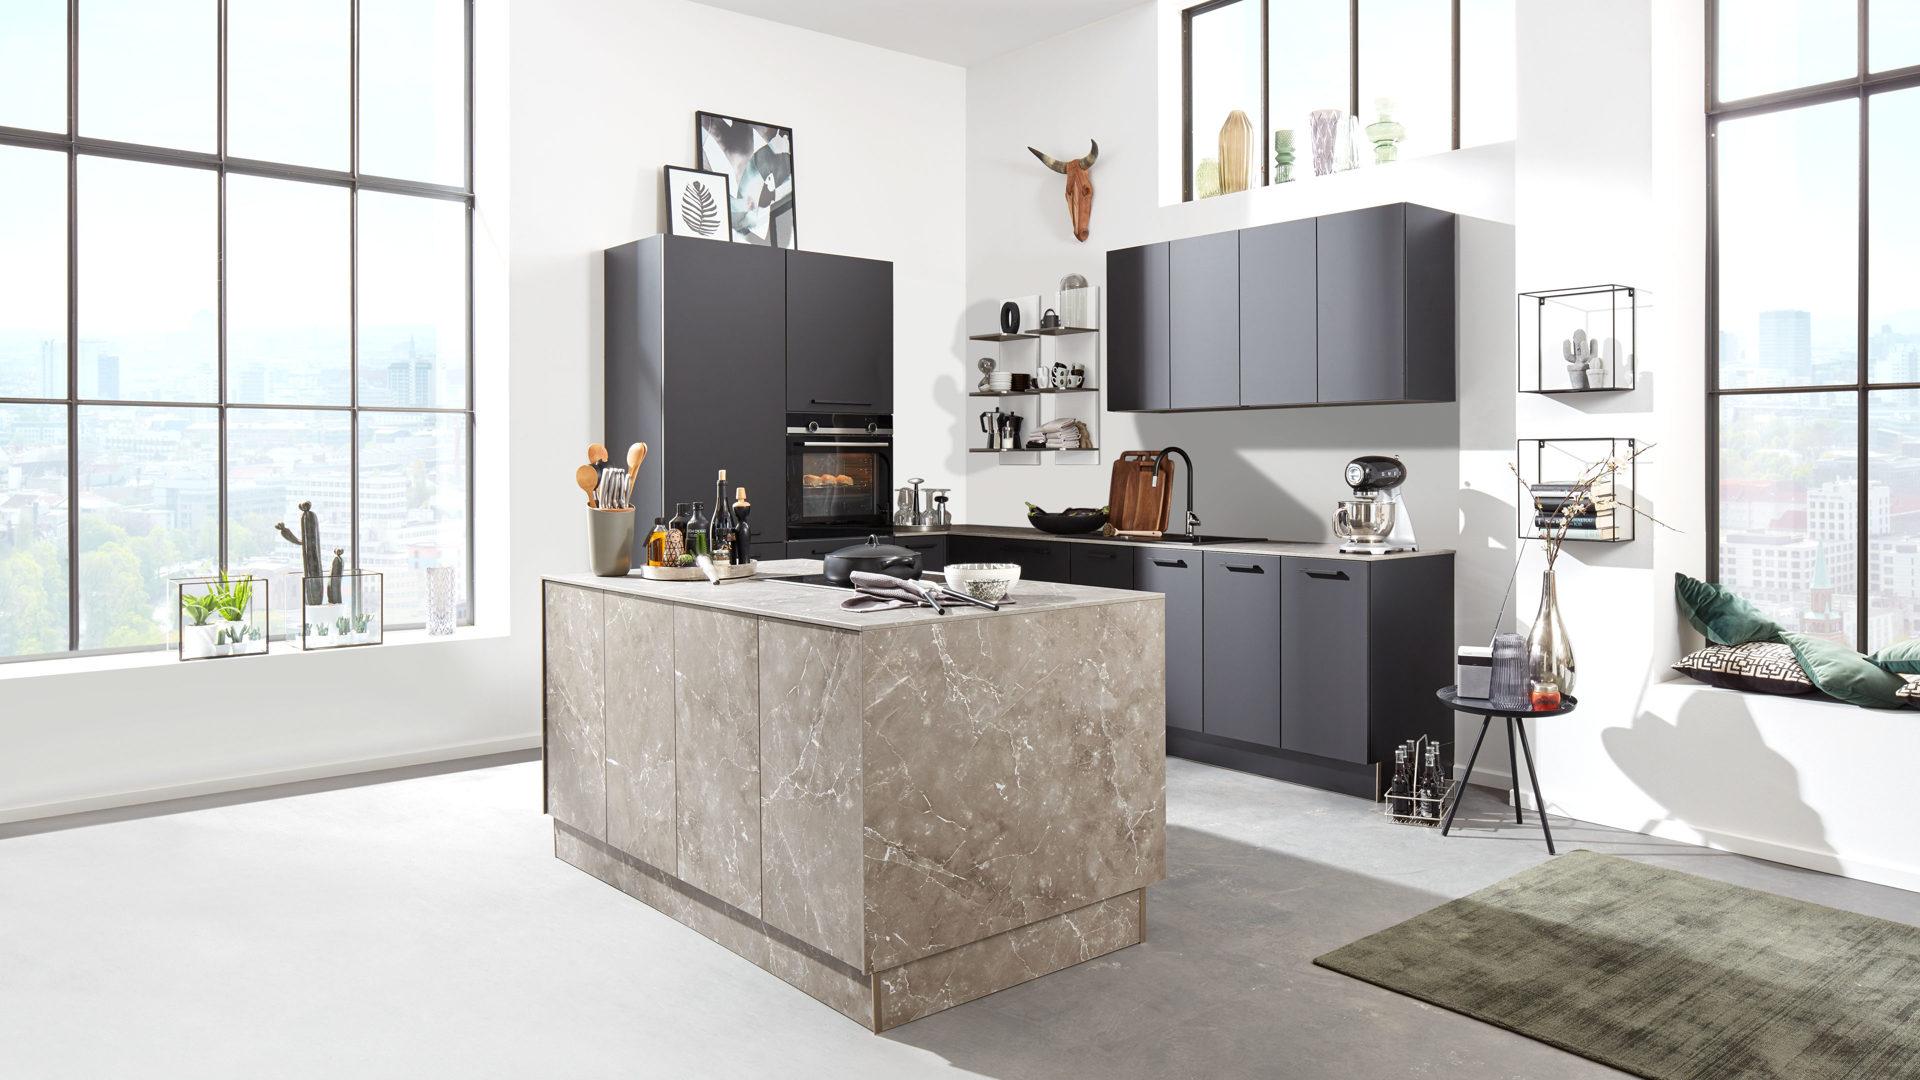 Interliving Küche Serie 3012 mit SIEMENS Einbaugeräten, schwarze &  marmorgraue Kunststoffoberflächen – dreiteilig